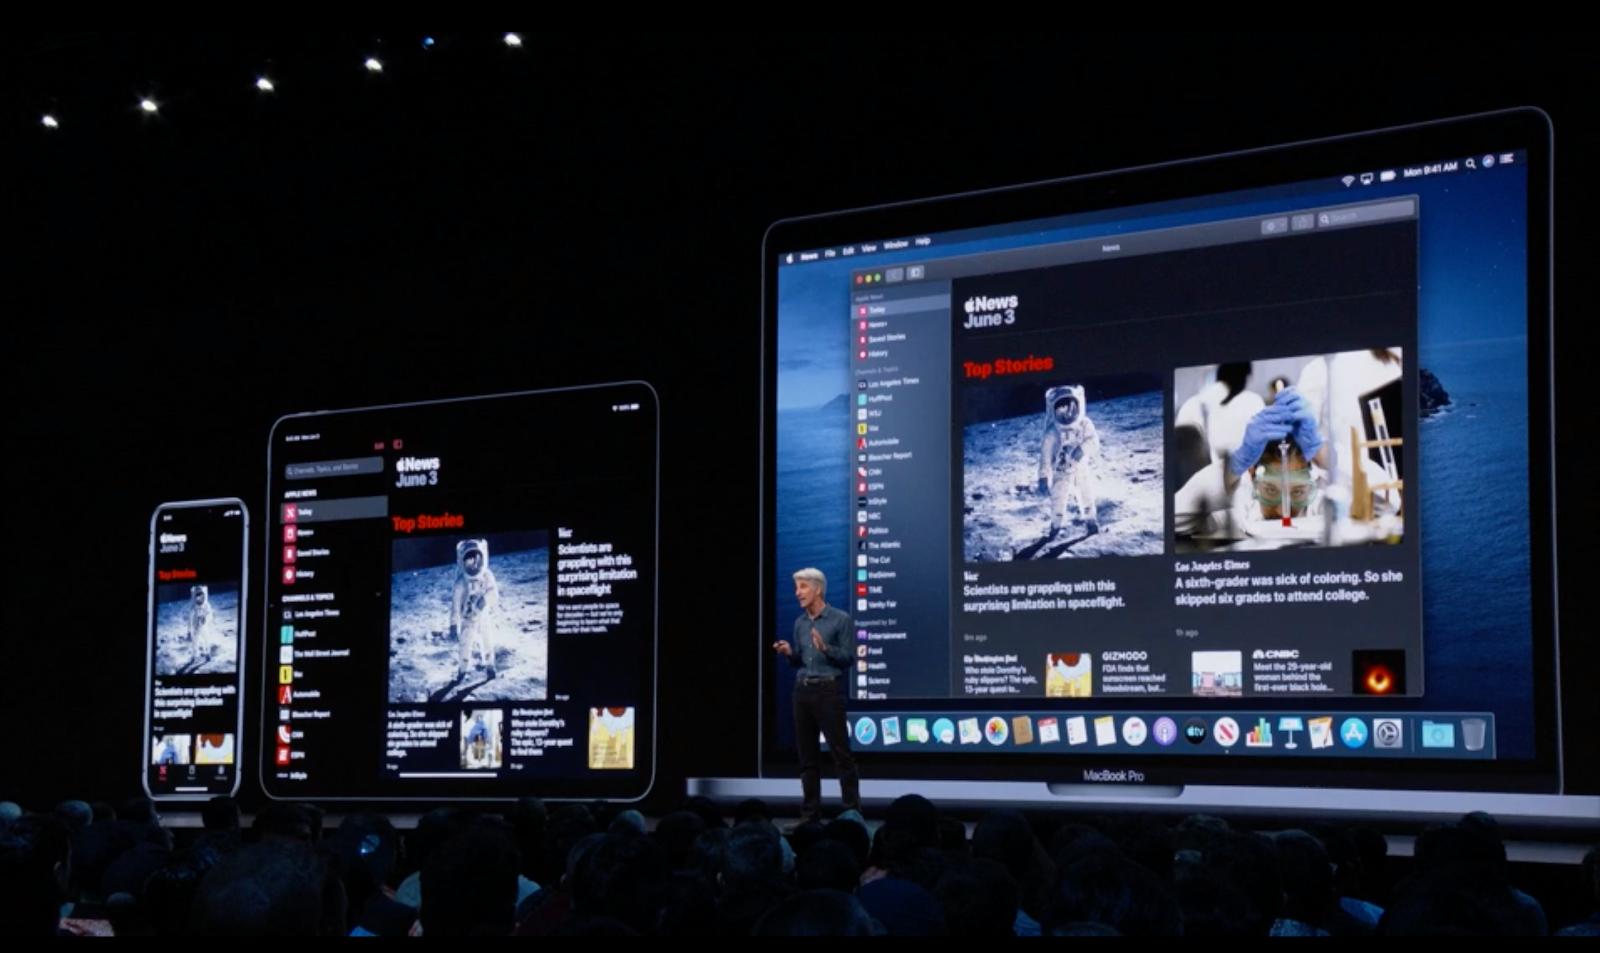 Mac apps instead of iTunes